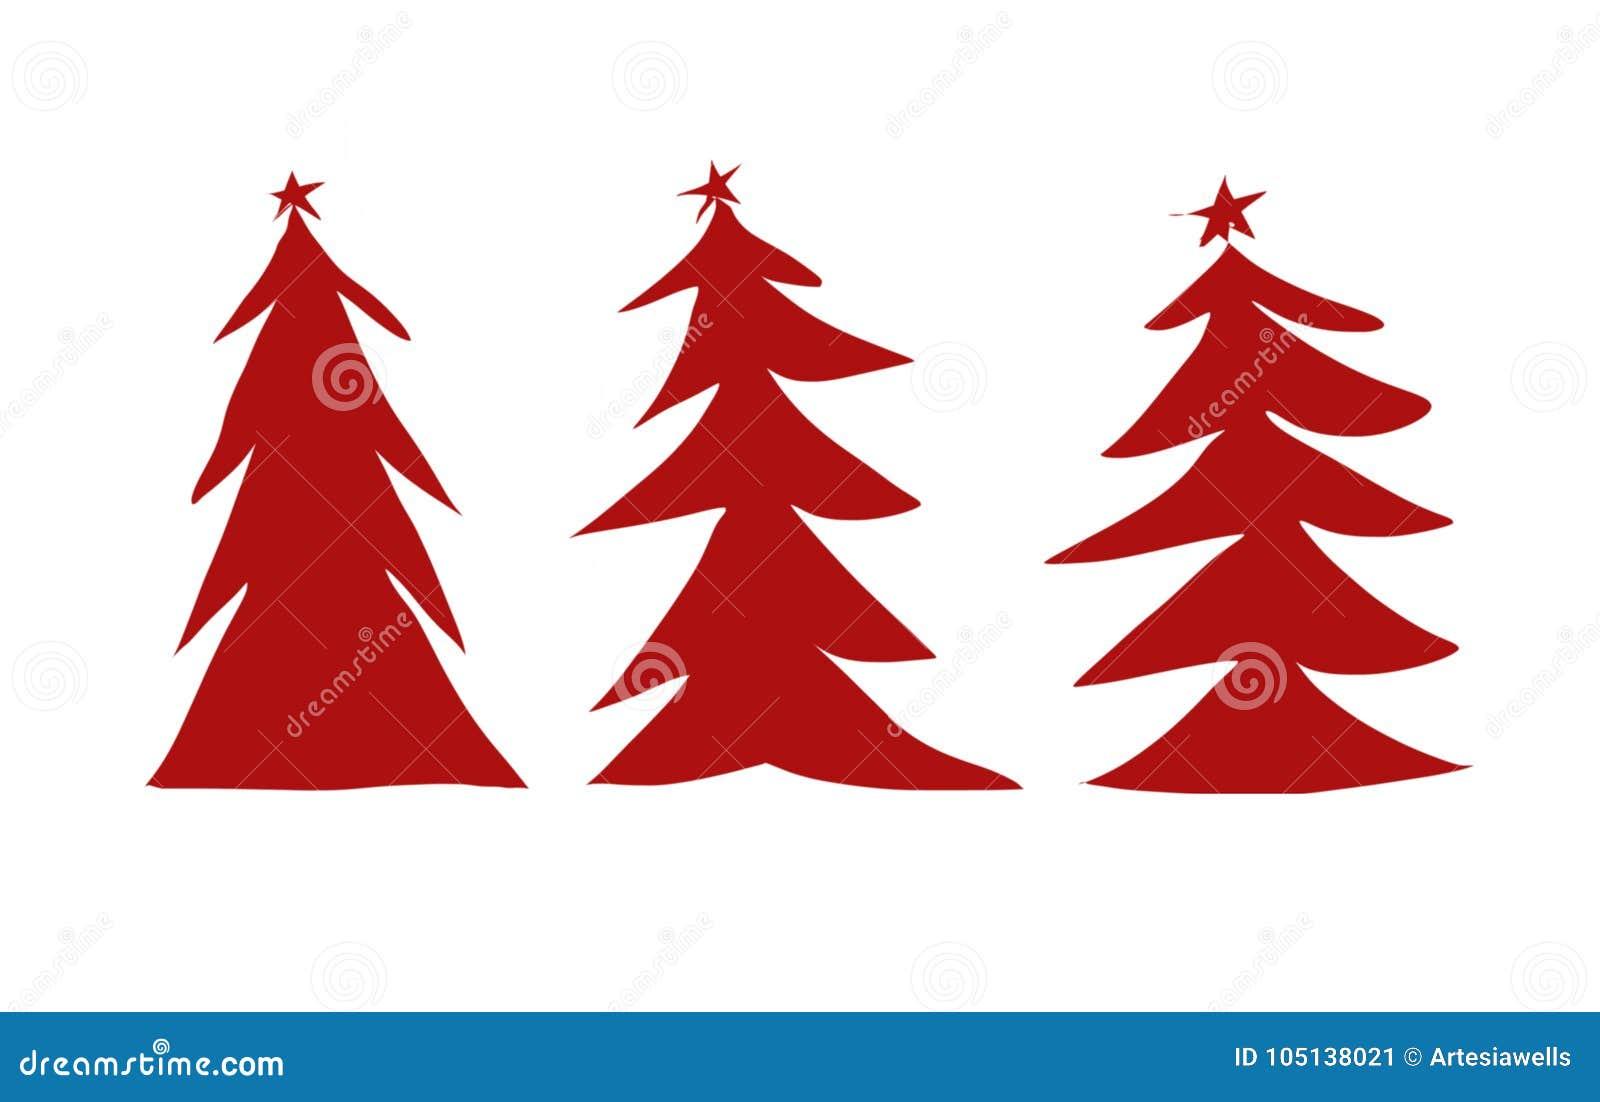 Un illustrazione rossa di tre alberi di Natale